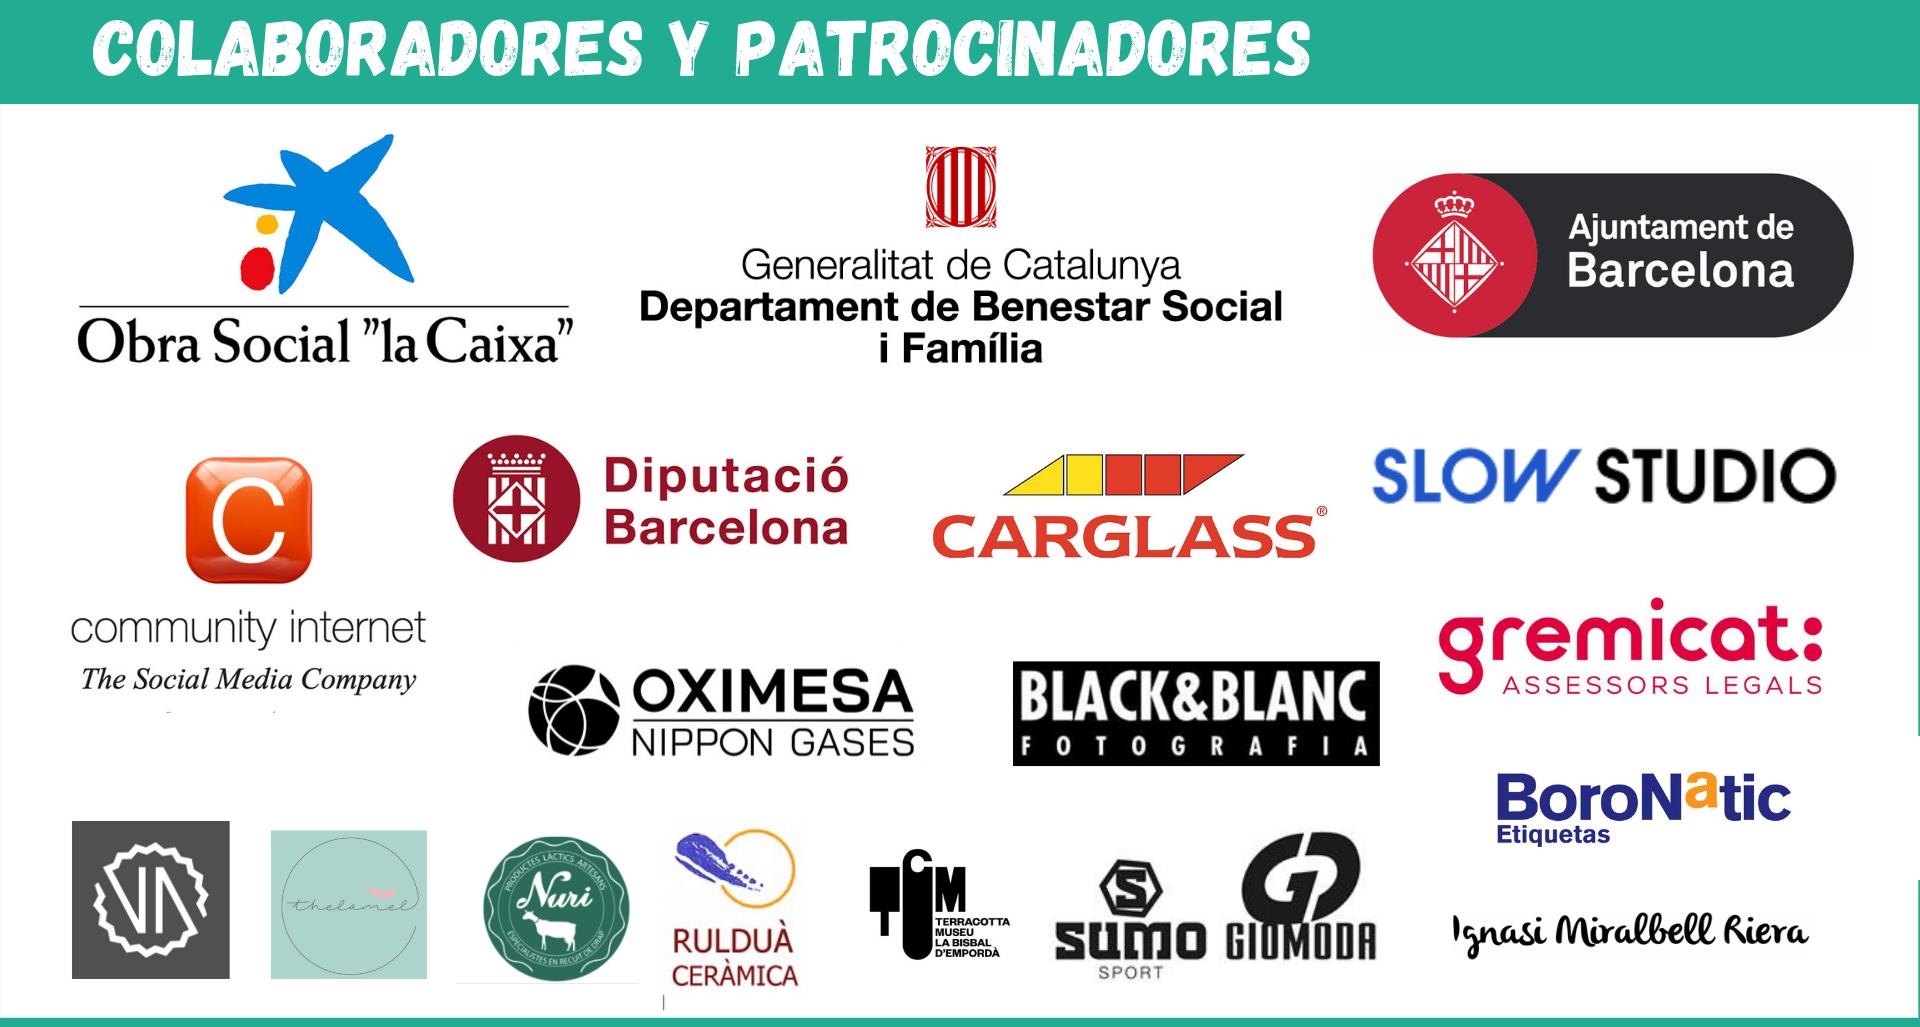 Logos Patrocinadores-i-colaboradores-la-ventana-AIS-ayuda-Ampurdan